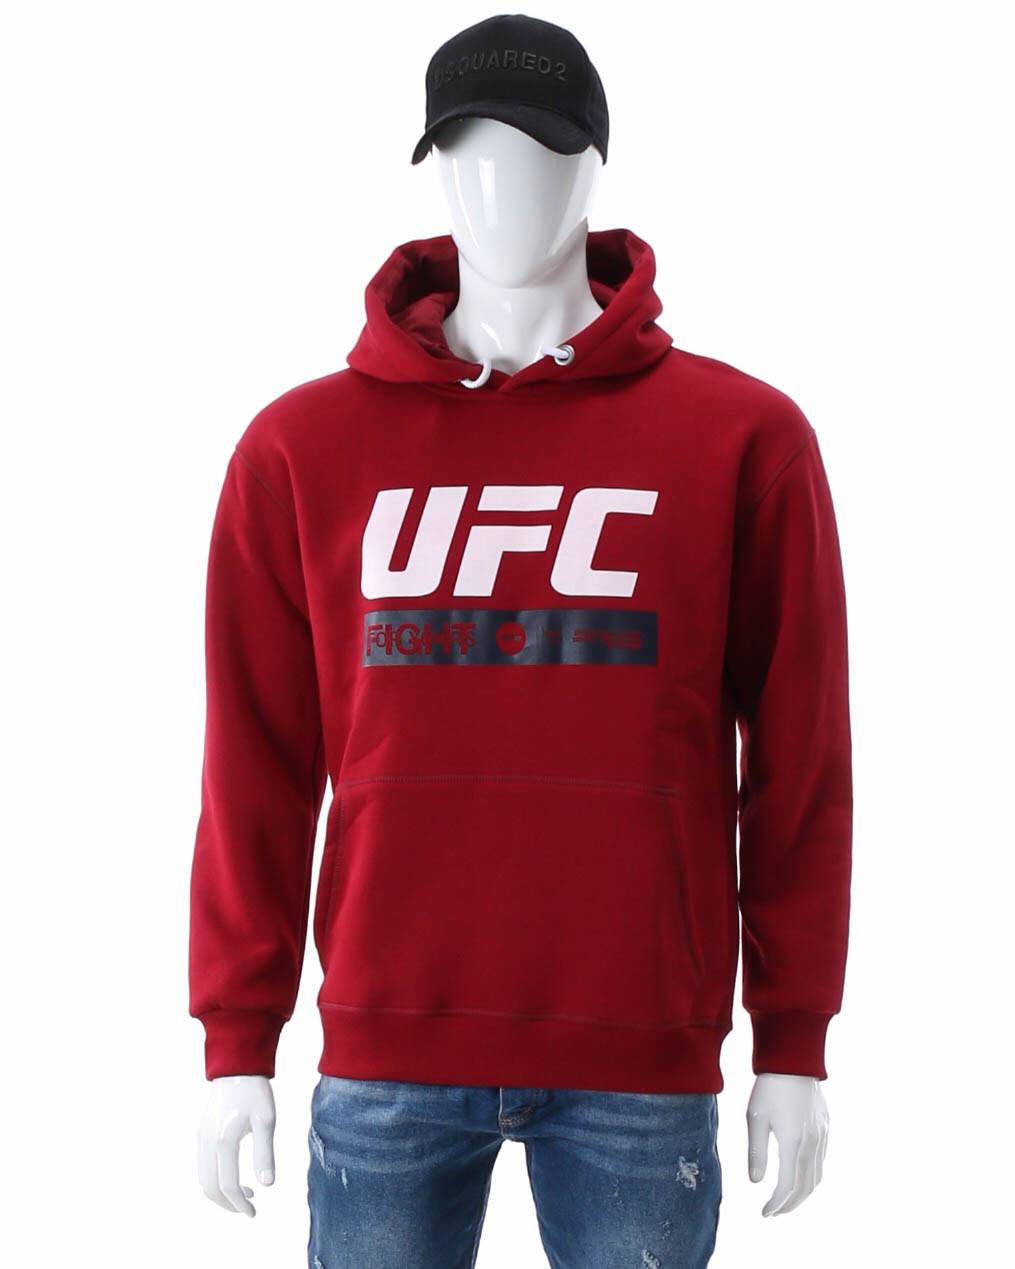 Худи осень-зима бордо UFC FIGHT с лого Т-2 BOR XL(Р) 20-471-203